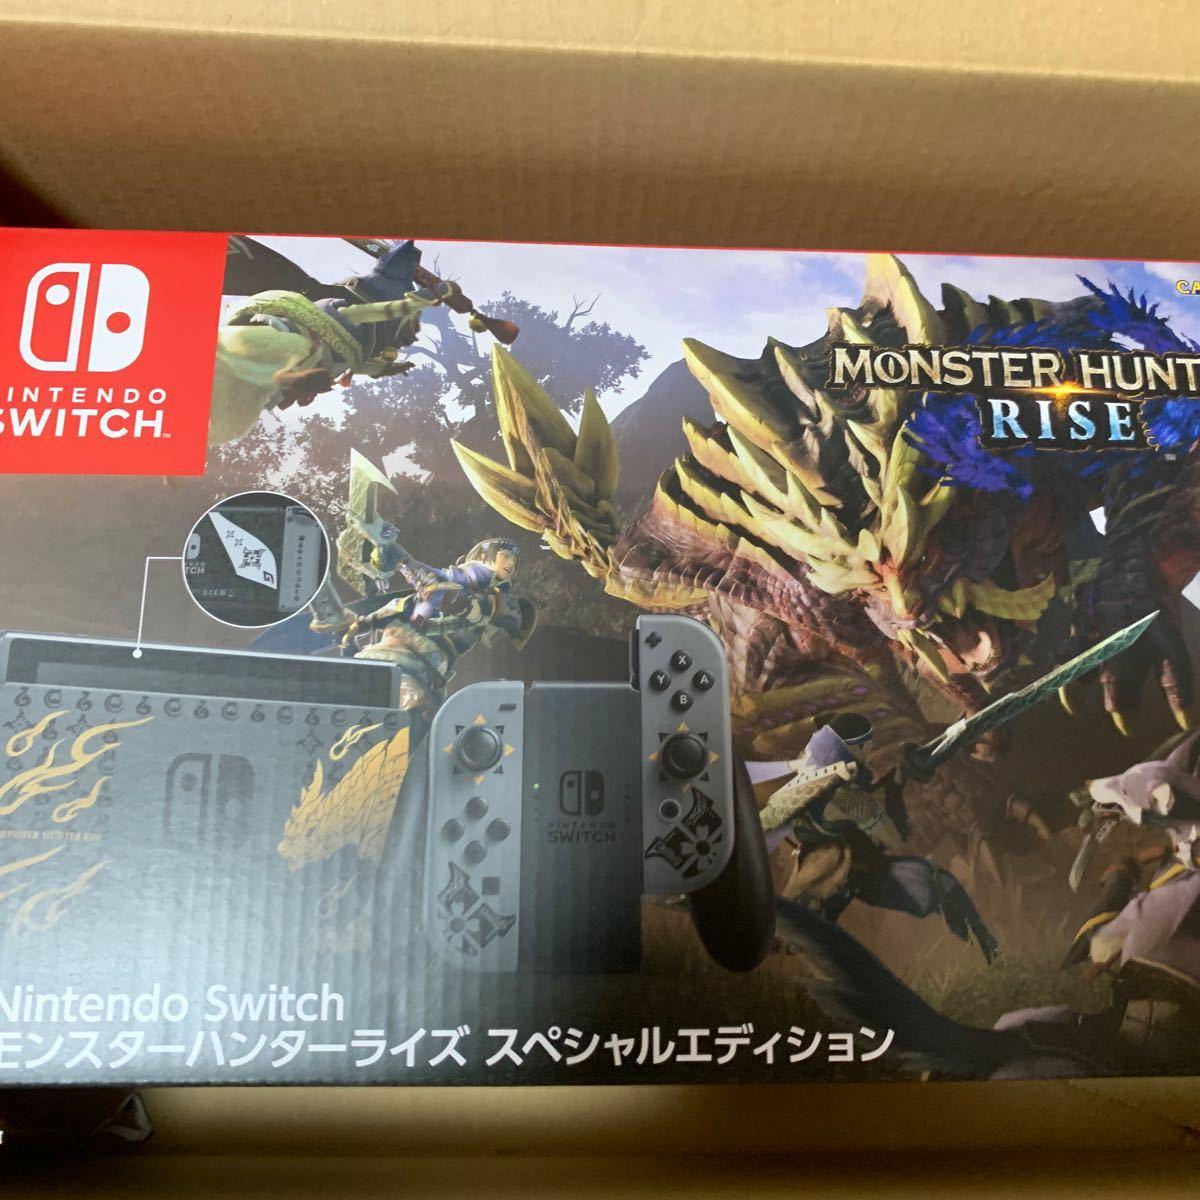 Nintendo Switchモンスターハンターライズ スペシャルエディション ニンテンドースイッチ 任天堂